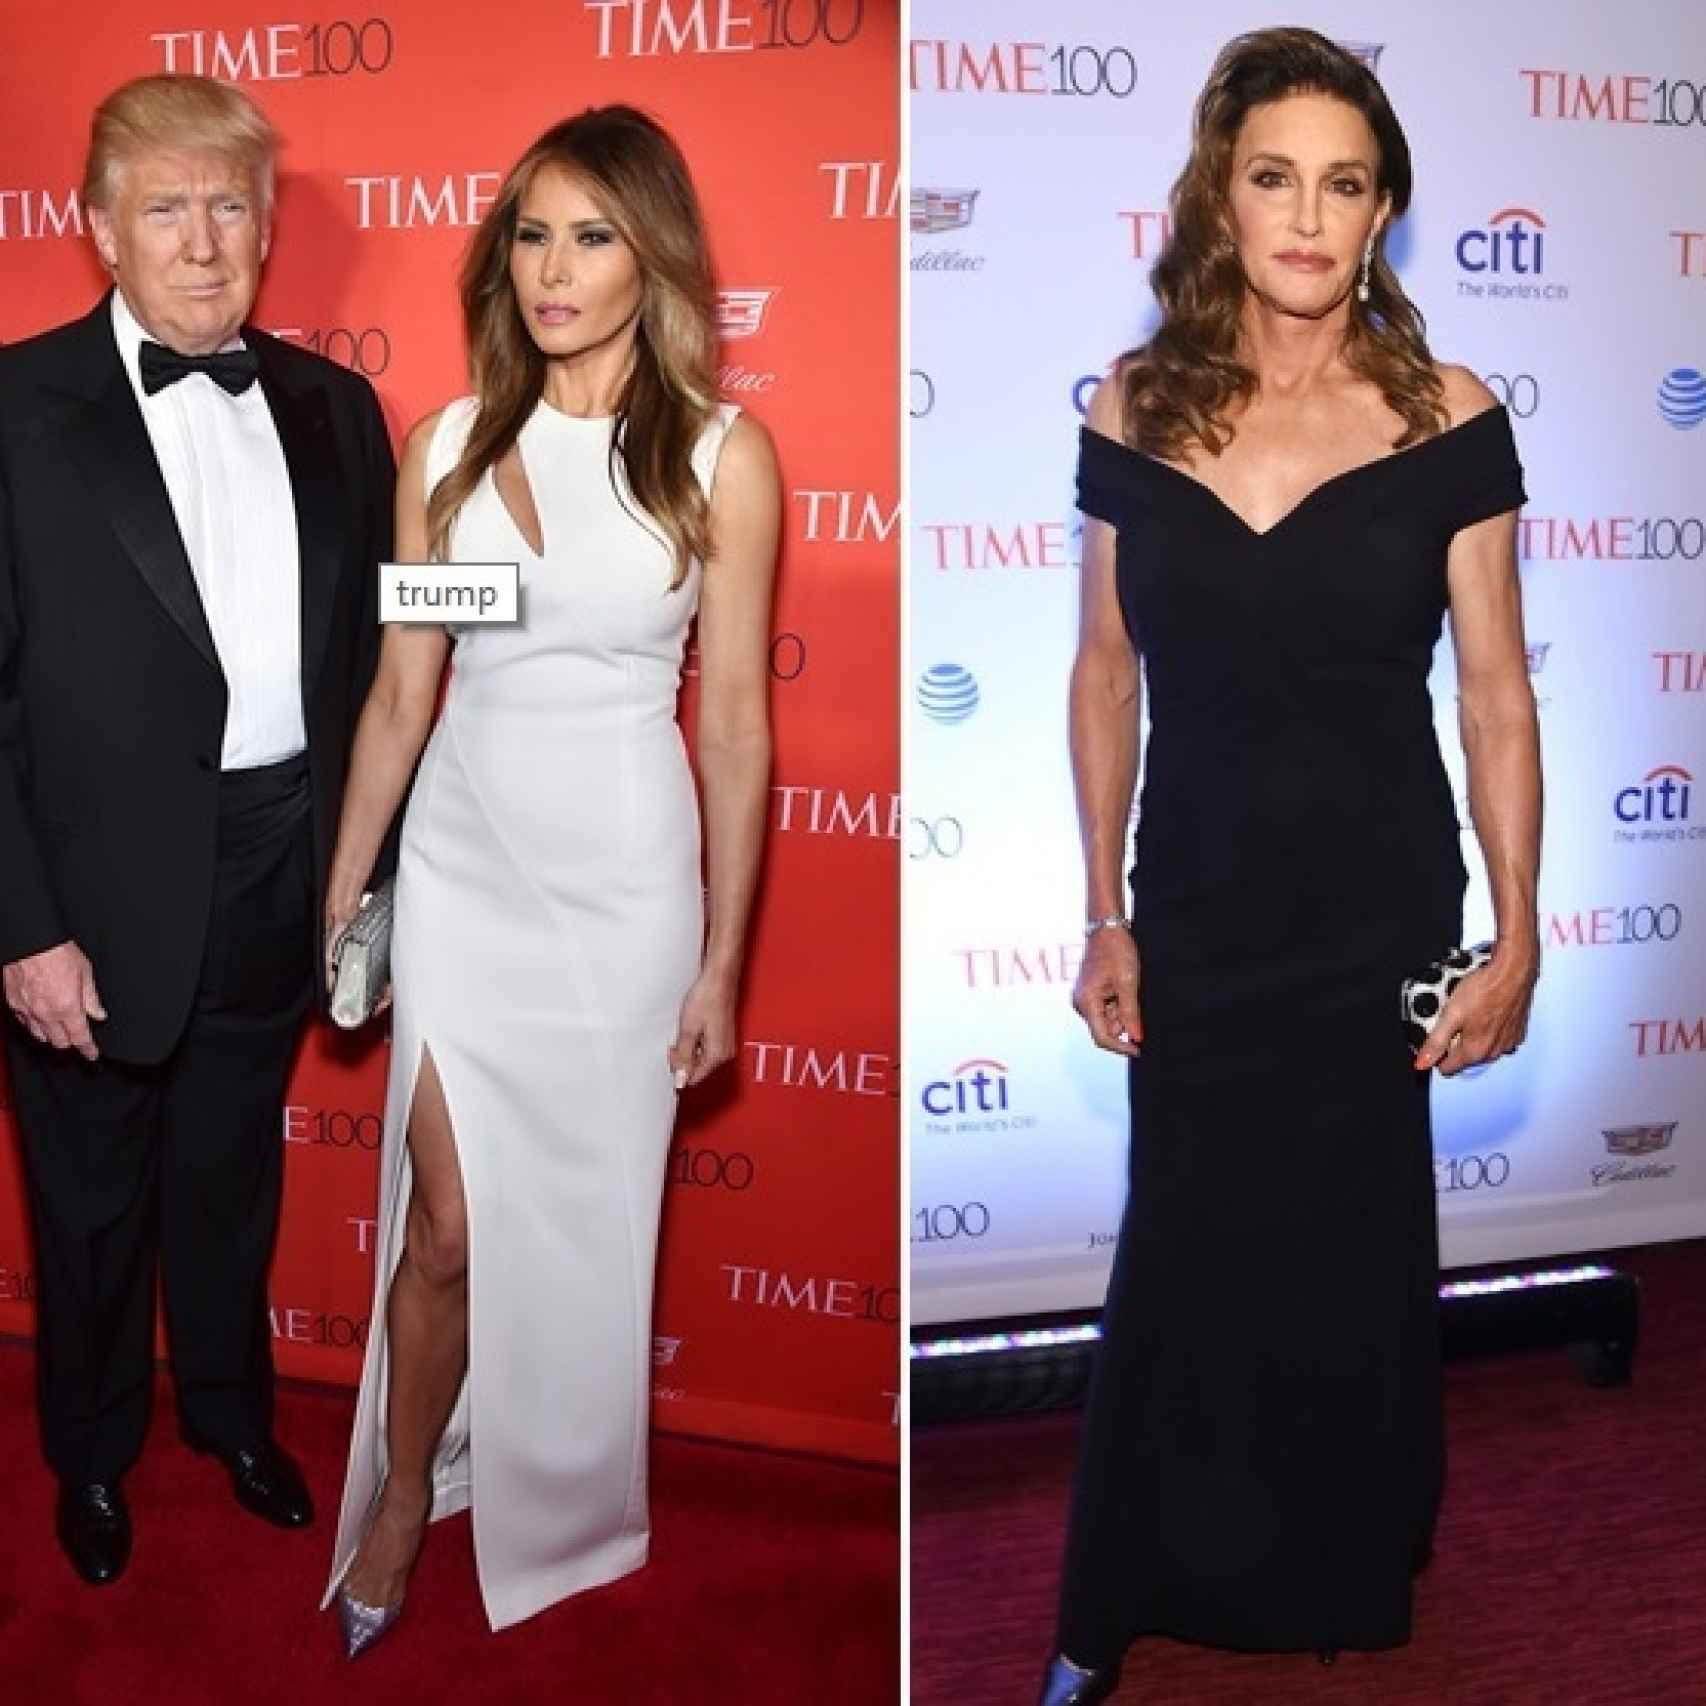 Donald con su mujer Melania y Caitlyn Jenner en la TIME 100 Gala